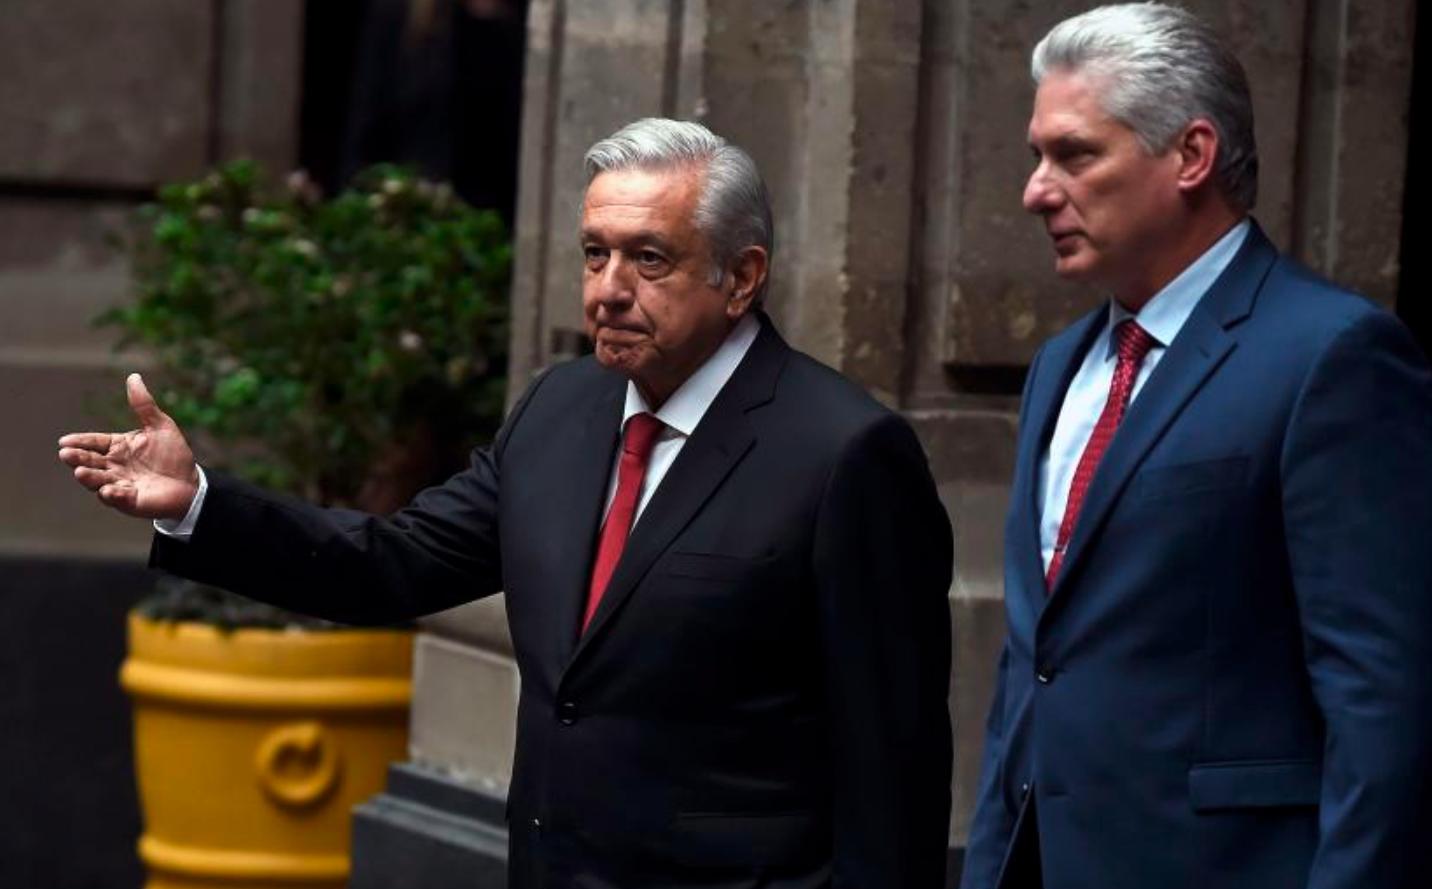 acusan a lopez obrador y a diaz-canel de orquestar un fraude al presupuesto de salud de mexico